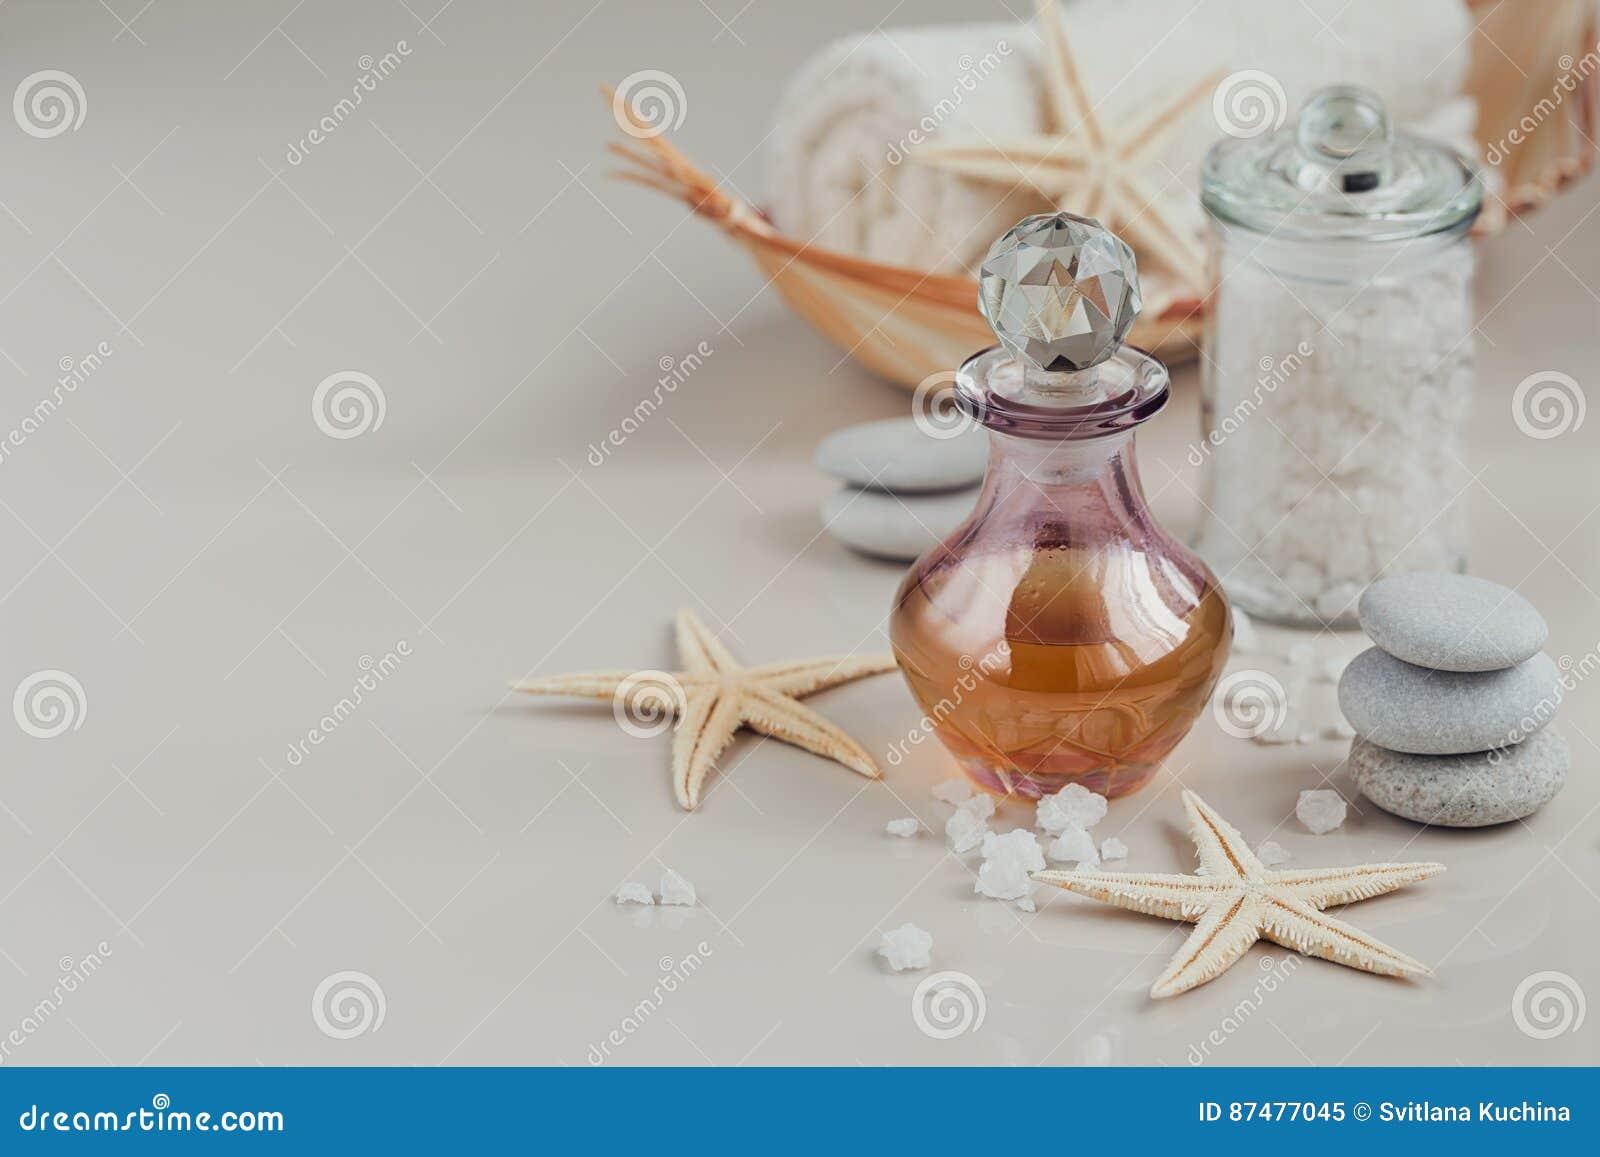 Composición del tratamiento del balneario con perfume o la botella de aceite aromática